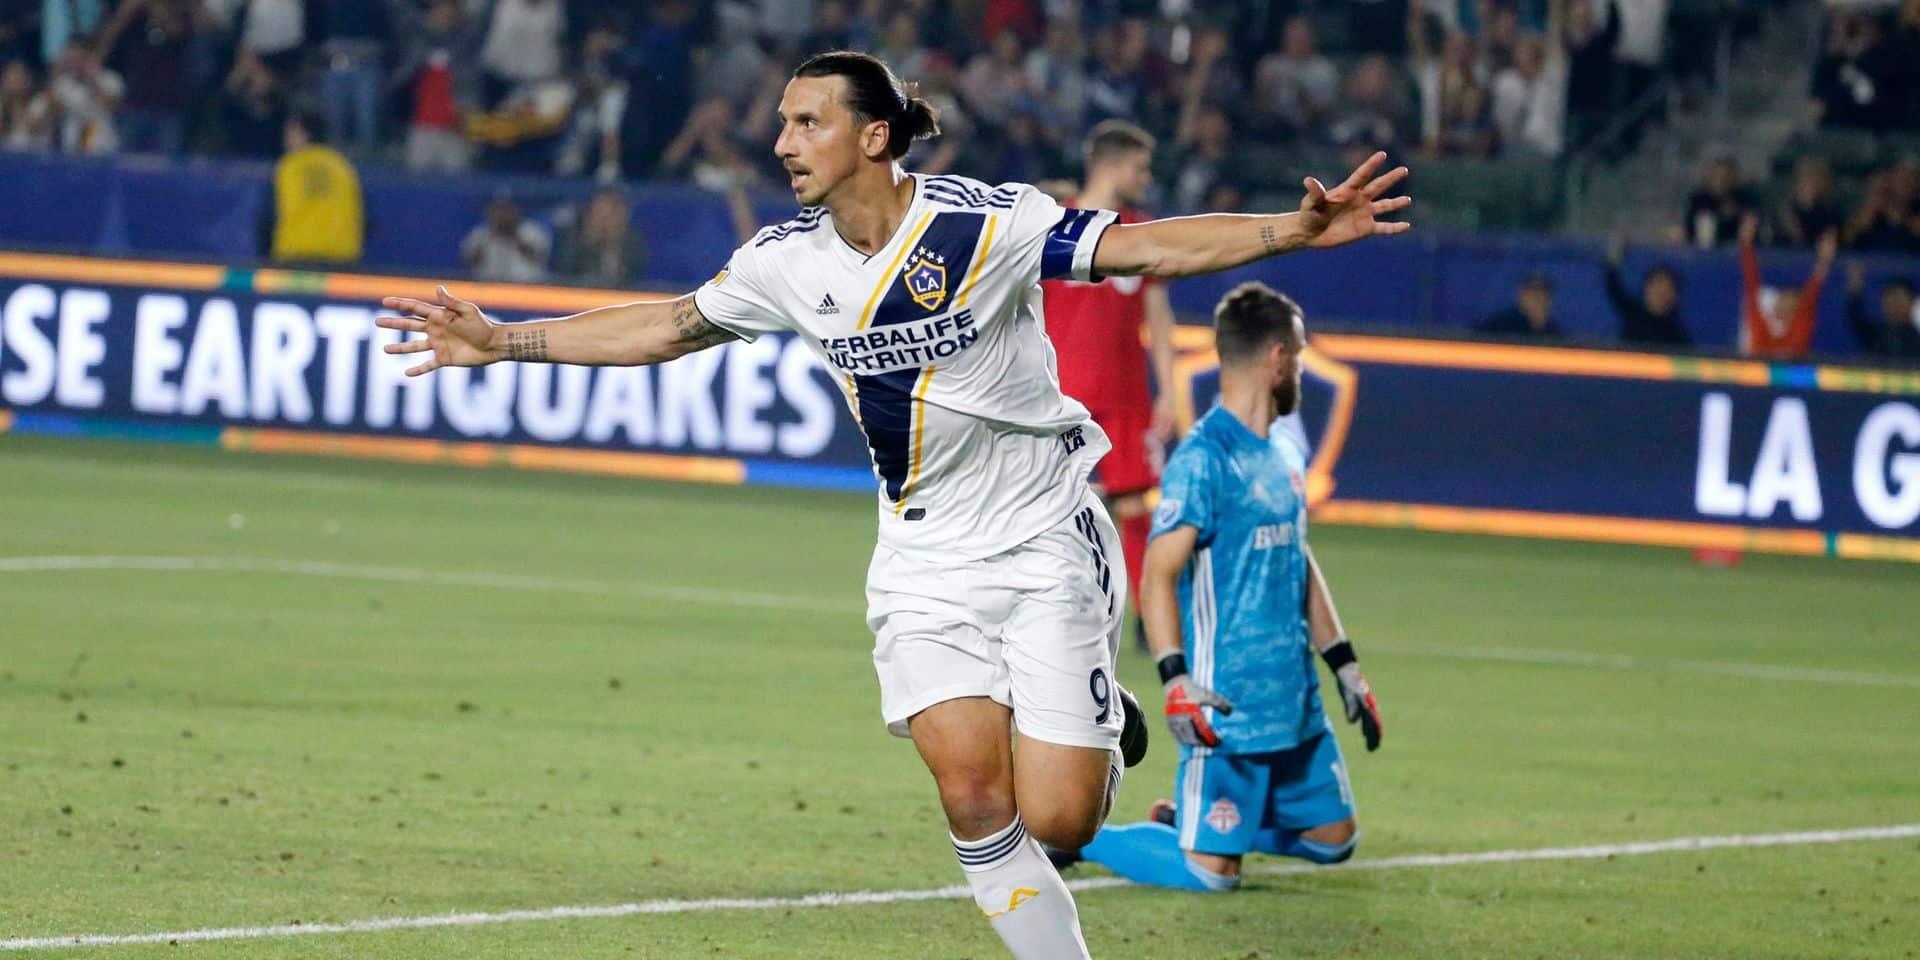 """Ibrahimovic annonce son départ du Los Angeles Galaxy: """"Vous vouliez Zlatan, je vous ai donné Zlatan. Maintenant, retournez voir du baseball"""""""